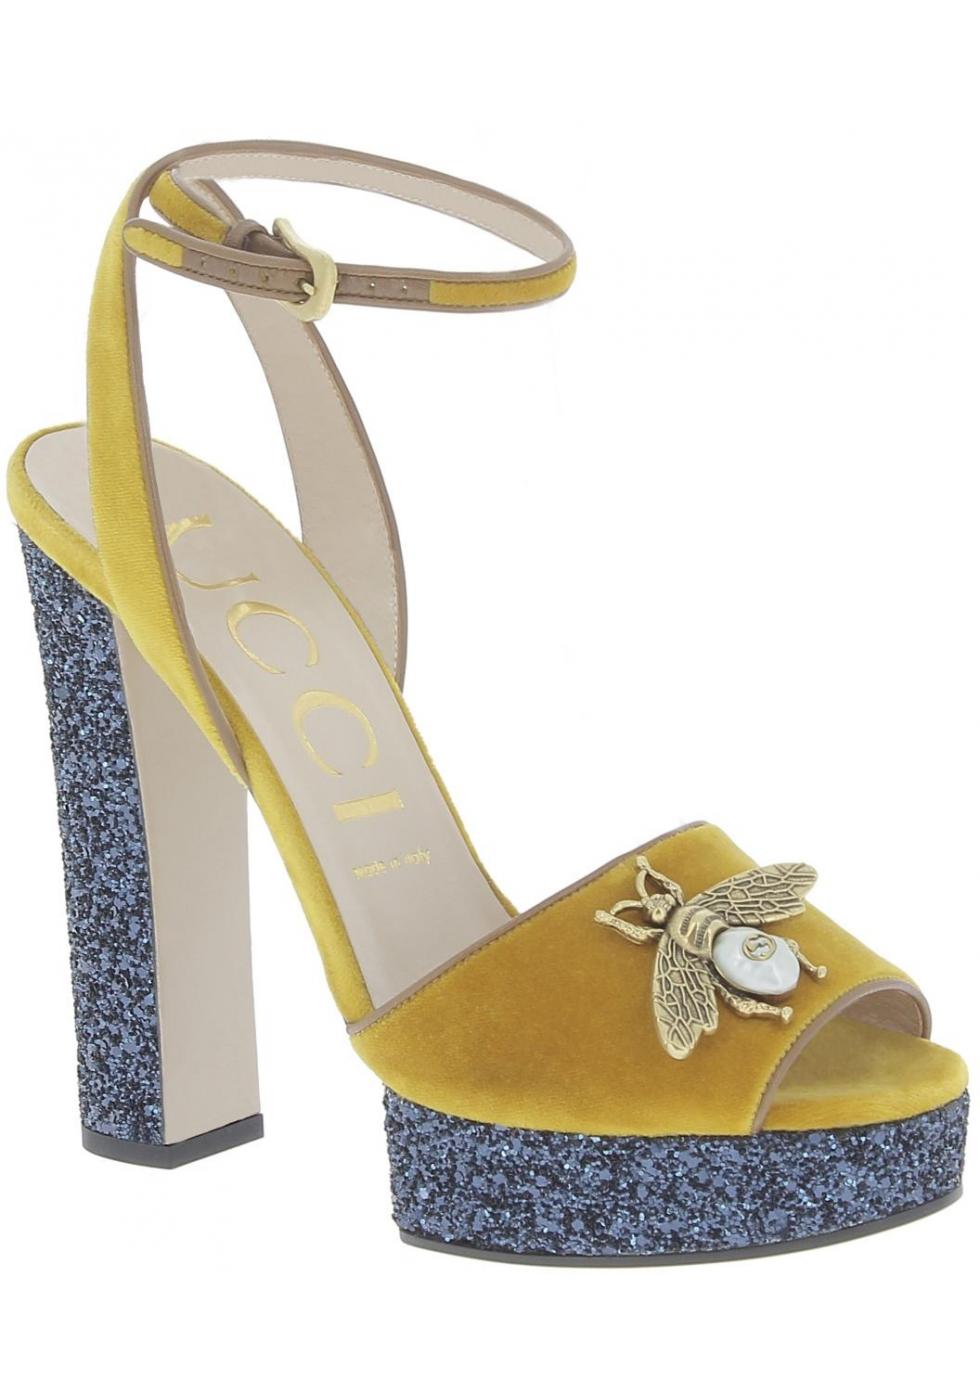 Gucci Sandalias para mujer en piel de becerro amarilla con plataforma azul  ... 1c3d5f3afac